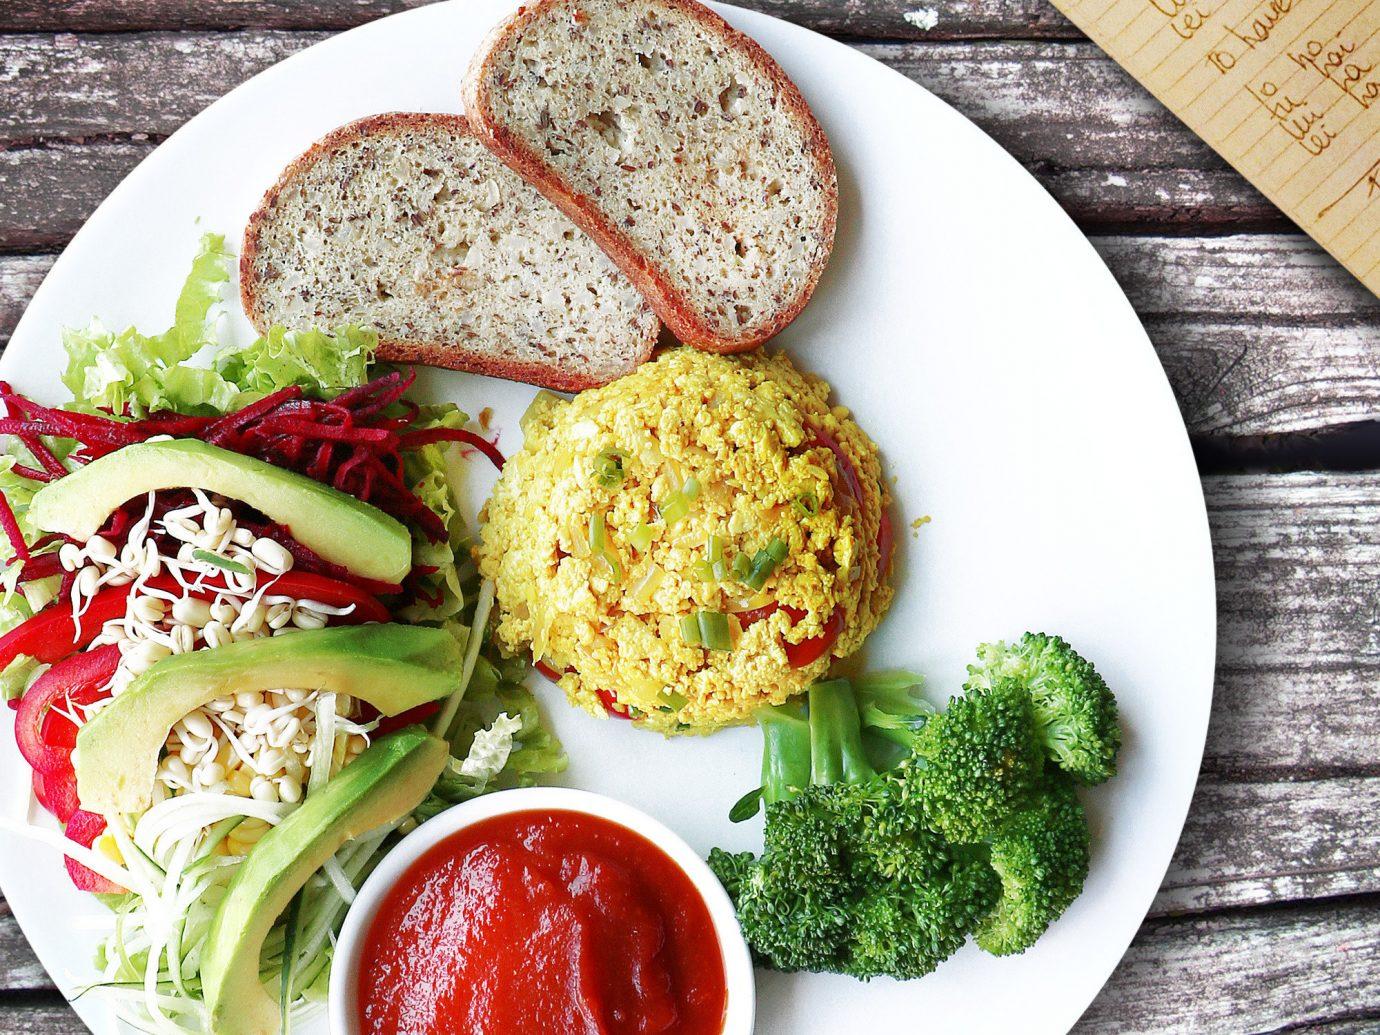 Food + Drink food plate table dish vegetarian food meal cuisine vegetable lunch salad recipe breakfast falafel dip leaf vegetable mediterranean food asian food meat